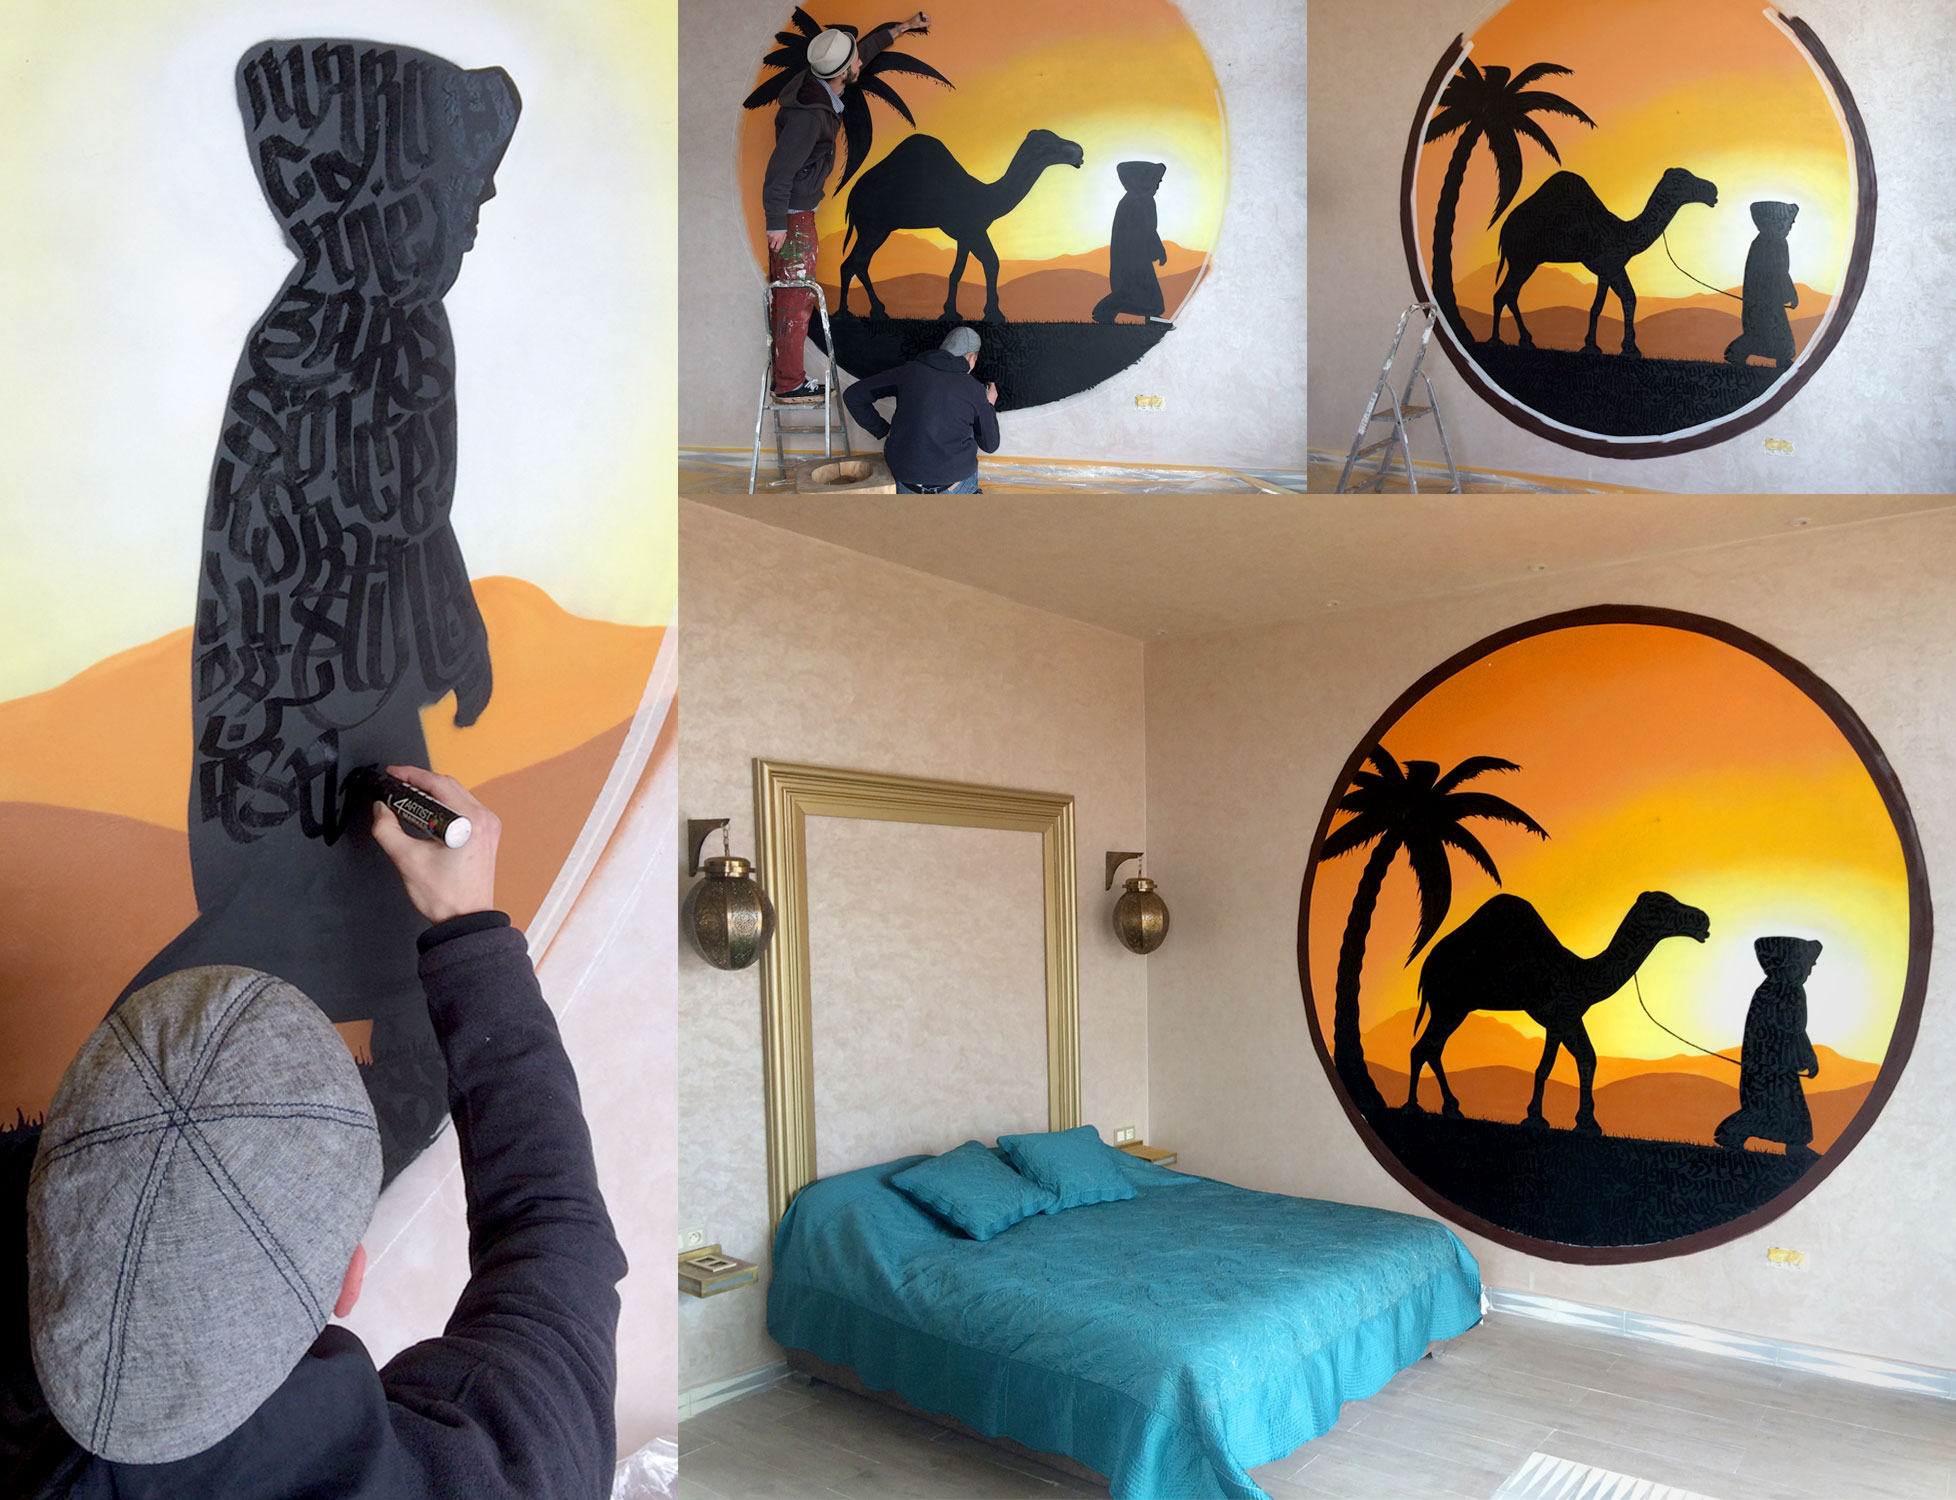 geograffeur-decoration-chambre-maroc-graffiti